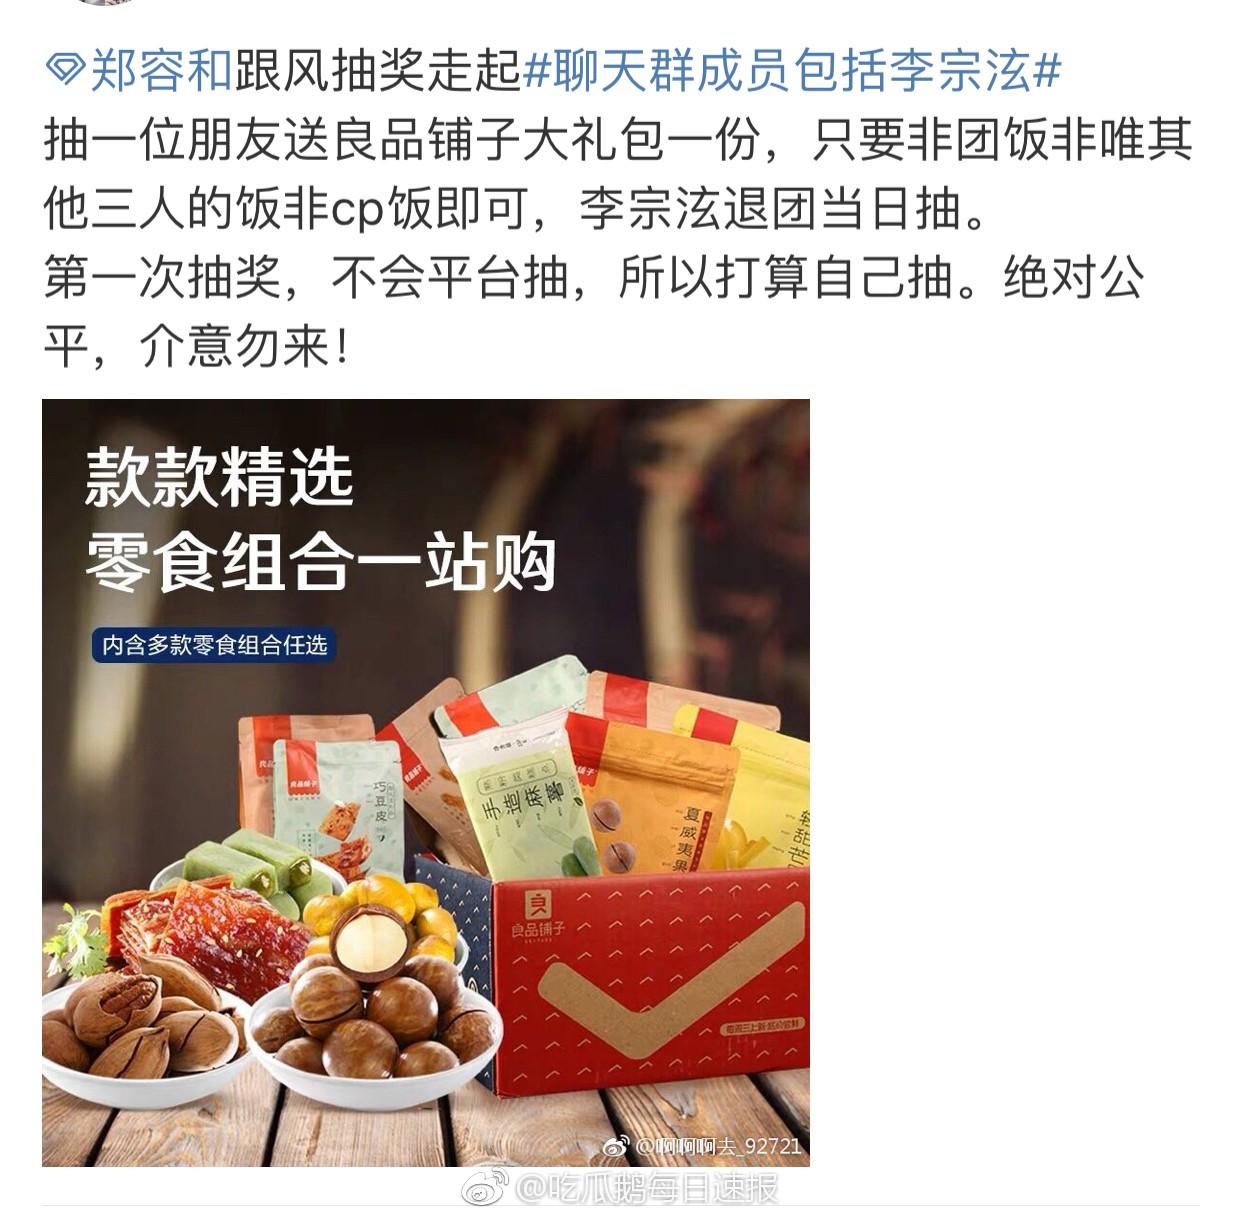 Chuyện thật như đùa: Fan Trung của Jung Yong Hwa mở give-away cực khủng nhân dịp Lee Jonghyun bị bóc phốt - Ảnh 6.